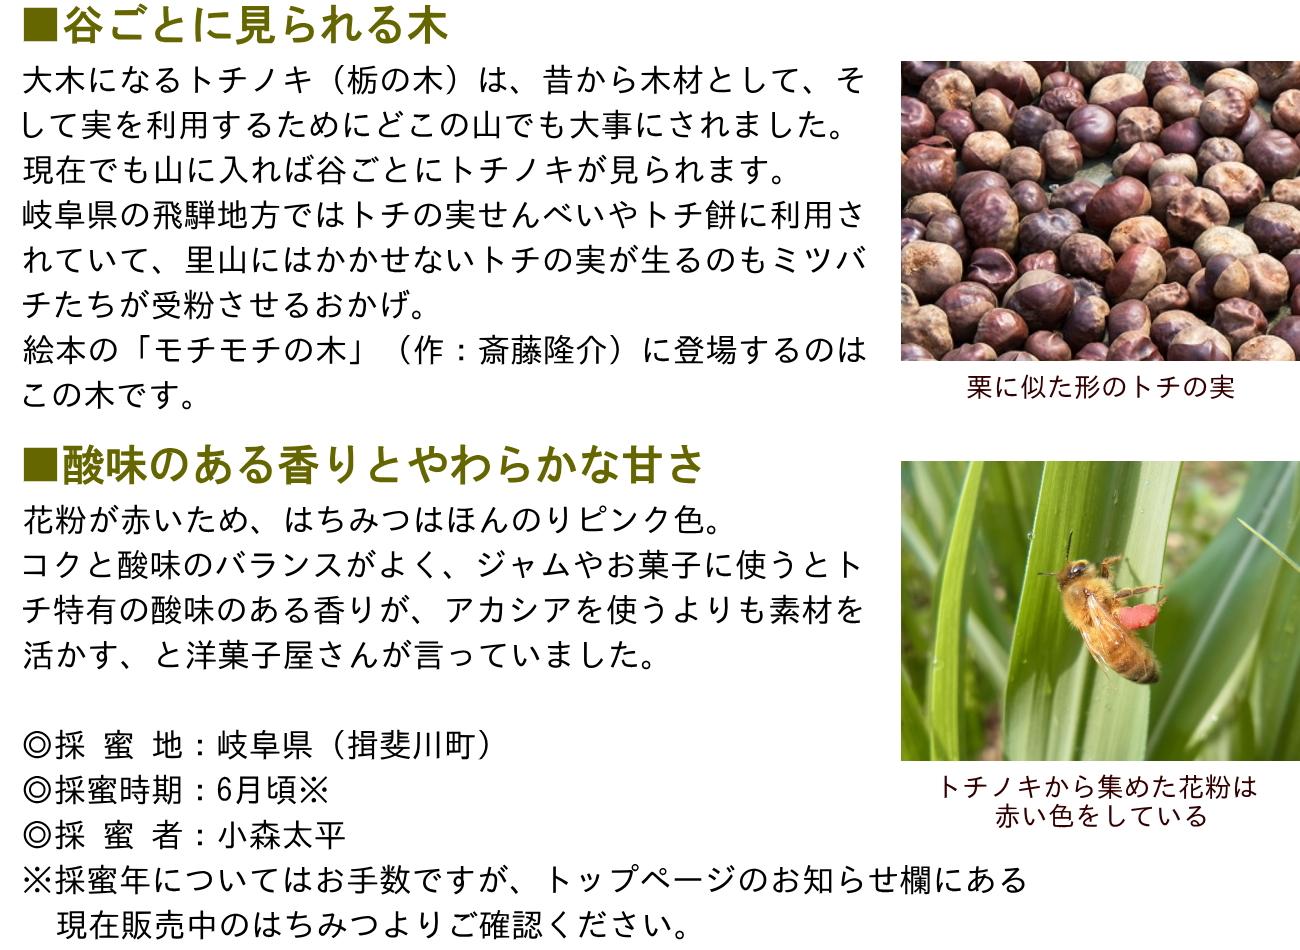 ■谷ごとに見られる木 大木になるトチノキ(栃の木)は、昔から木材として、そして実を利用するためにどこの山でも大事にされました。現在でも山に入れば谷ごとにトチノキが見られます。岐阜県の飛騨地方ではトチの実せんべいやトチ餅に利用されていて、里山にはかかせないトチの実が生るのもミツバチたちが受粉させるおかげ。絵本の「モチモチの木」(作:斎藤隆介)に登場するのはこの木です。■フローラルな香りとやわらかな甘さ 花粉が赤いため、はちみつはほんのりピンク色。コクと酸味のバランスがよく、ジャムやお菓子に使うとトチ特有の酸味のある香りが、アカシアを使うよりも素材を活かす、と洋菓子屋さんが言っていました。◎採 蜜 地:岐阜県(揖斐川町)◎採蜜時期:6月頃※◎採 蜜 者:小森太平※採蜜年についてはお手数ですが、トップページのお知らせ欄にある現在販売中のはちみつよりご確認ください。栗に似た形のトチの実 トチノキから集めた花粉は赤い色をしている